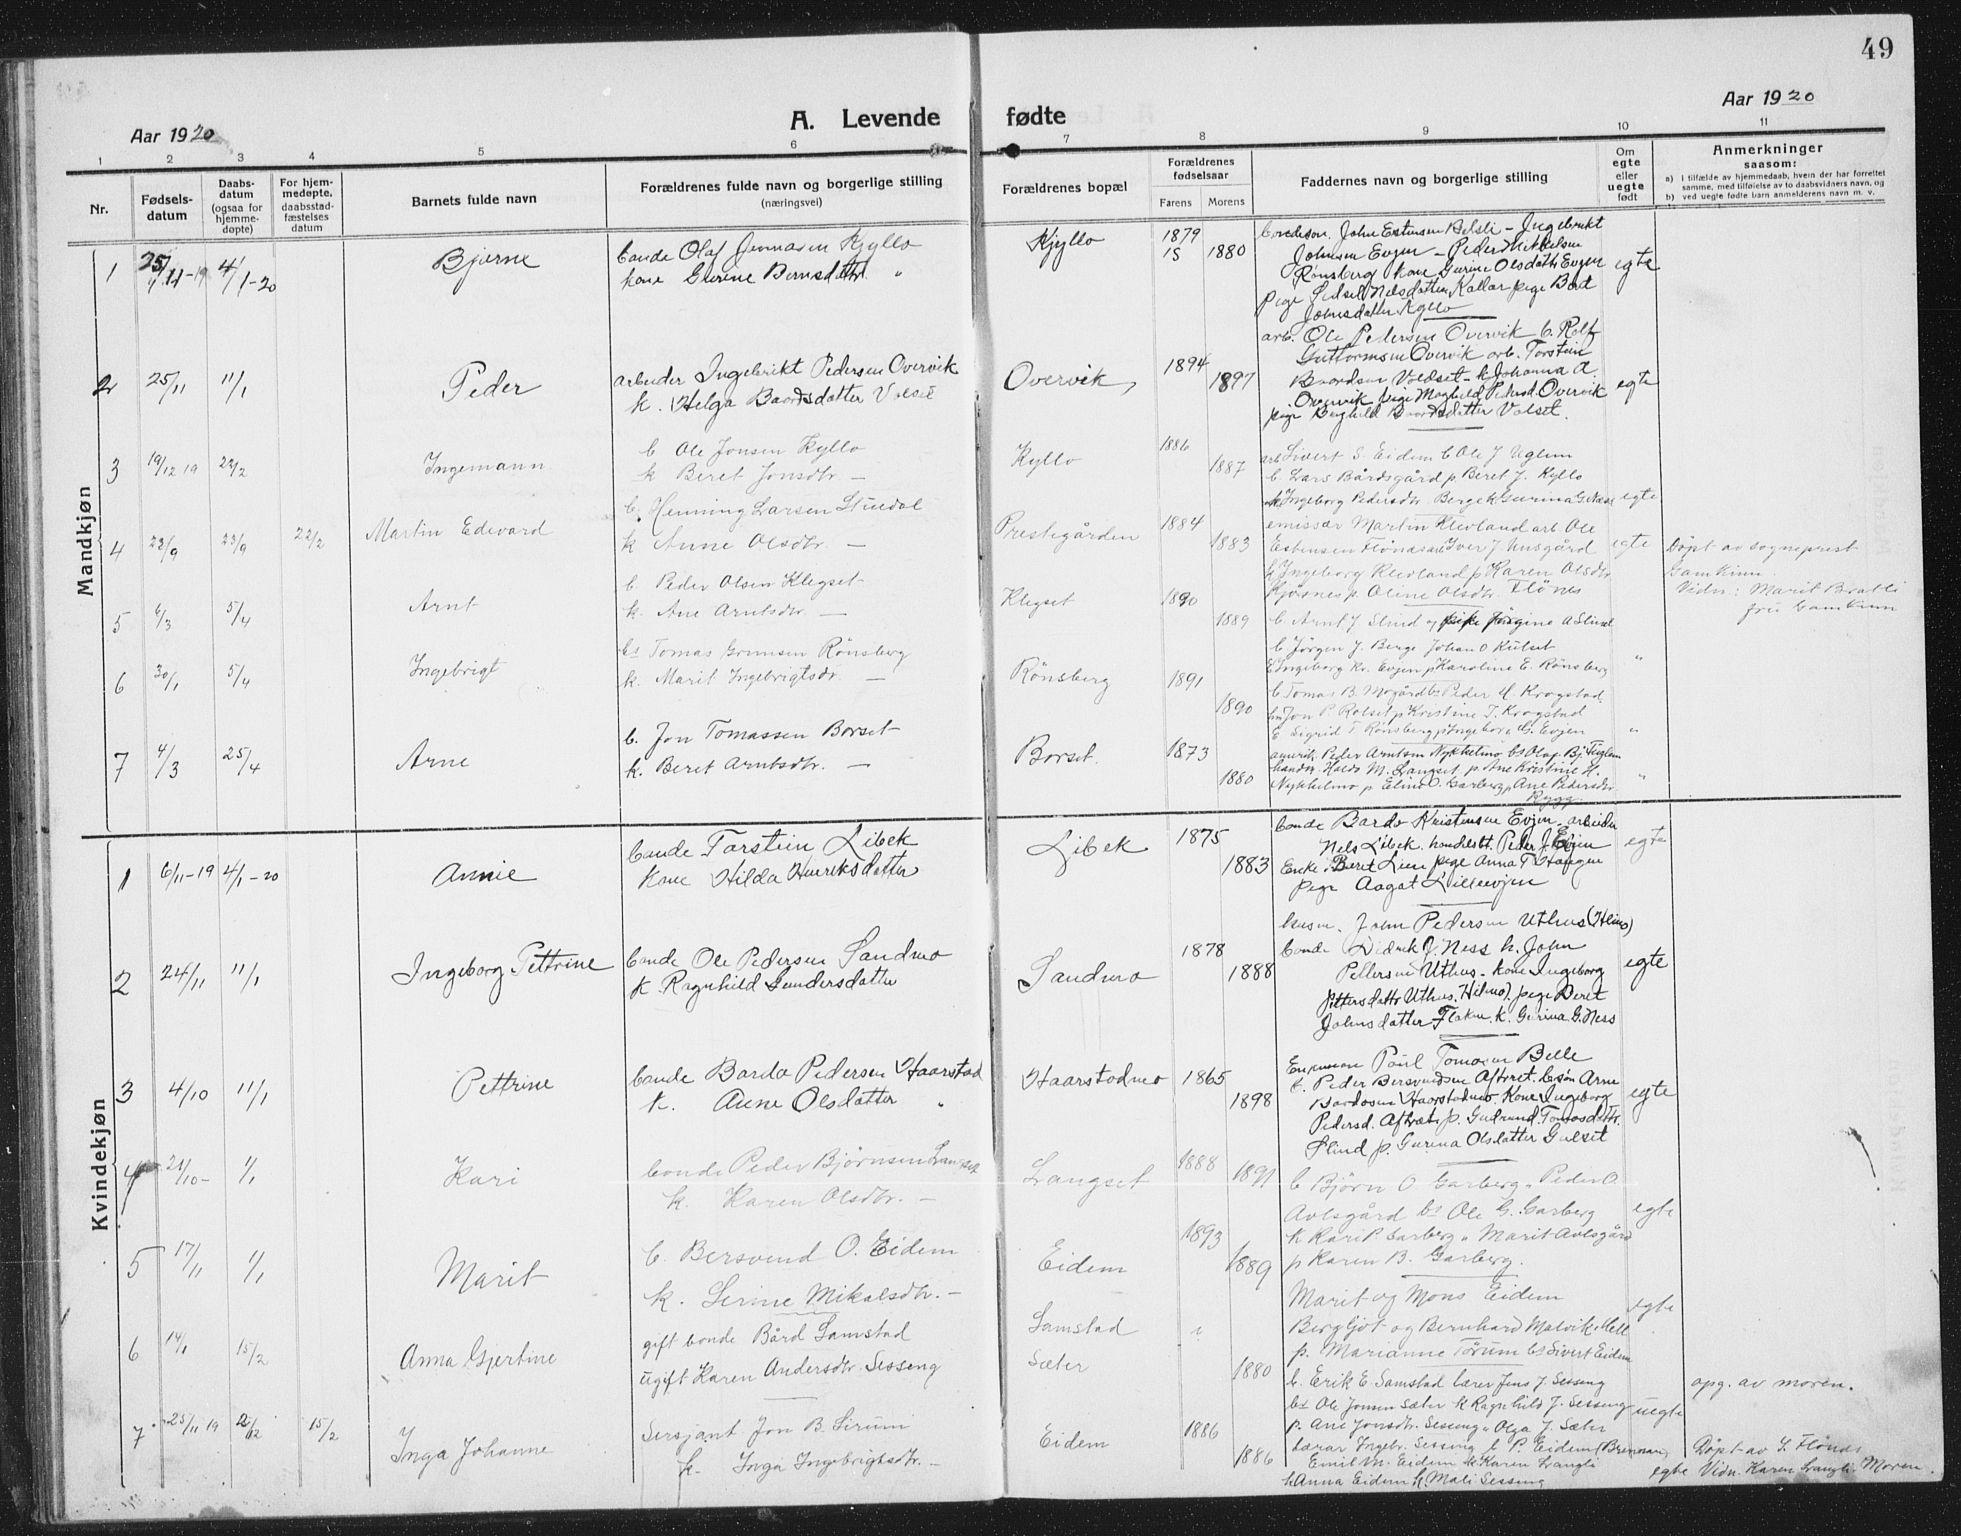 SAT, Ministerialprotokoller, klokkerbøker og fødselsregistre - Sør-Trøndelag, 695/L1158: Klokkerbok nr. 695C09, 1913-1940, s. 49